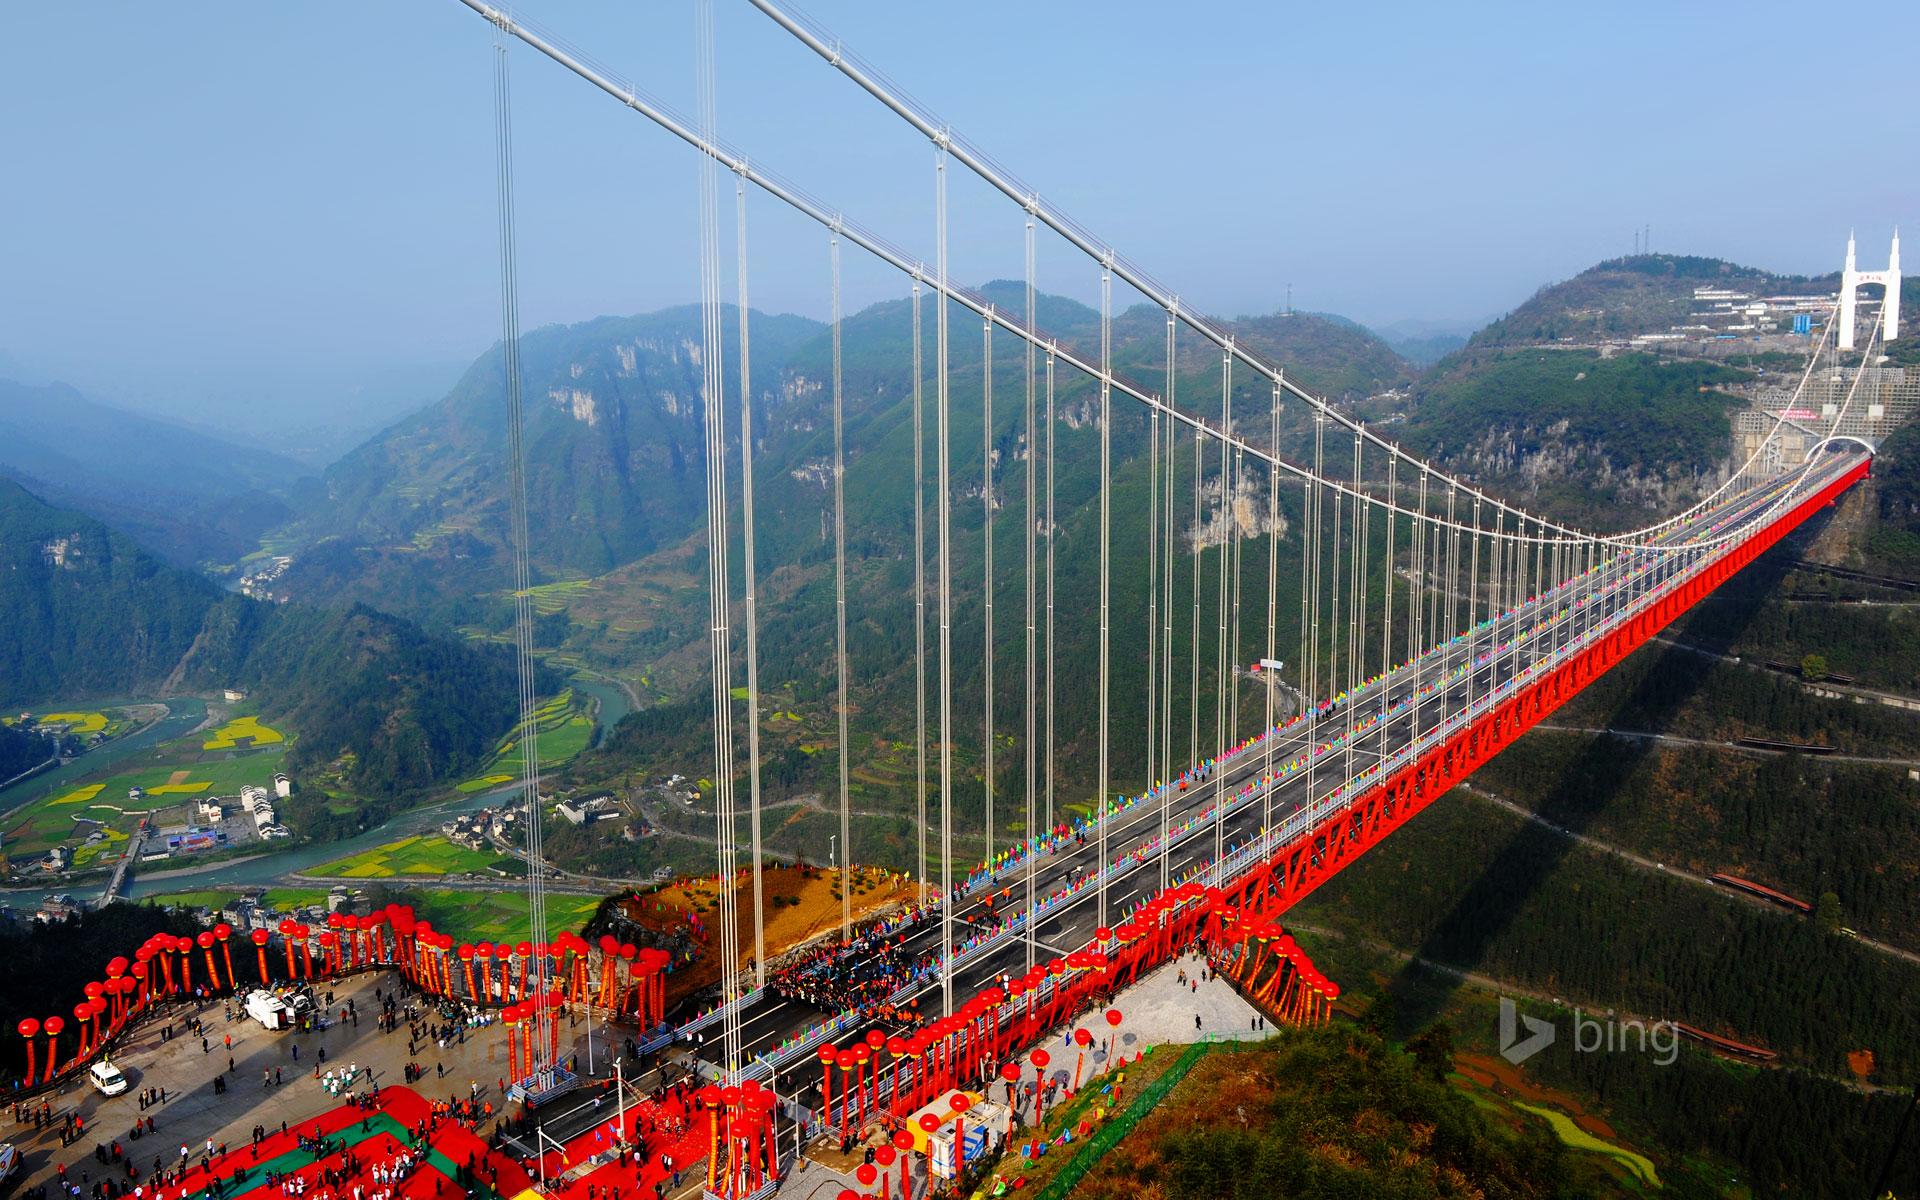 Hình nền Bing cây cầu khổng lồ